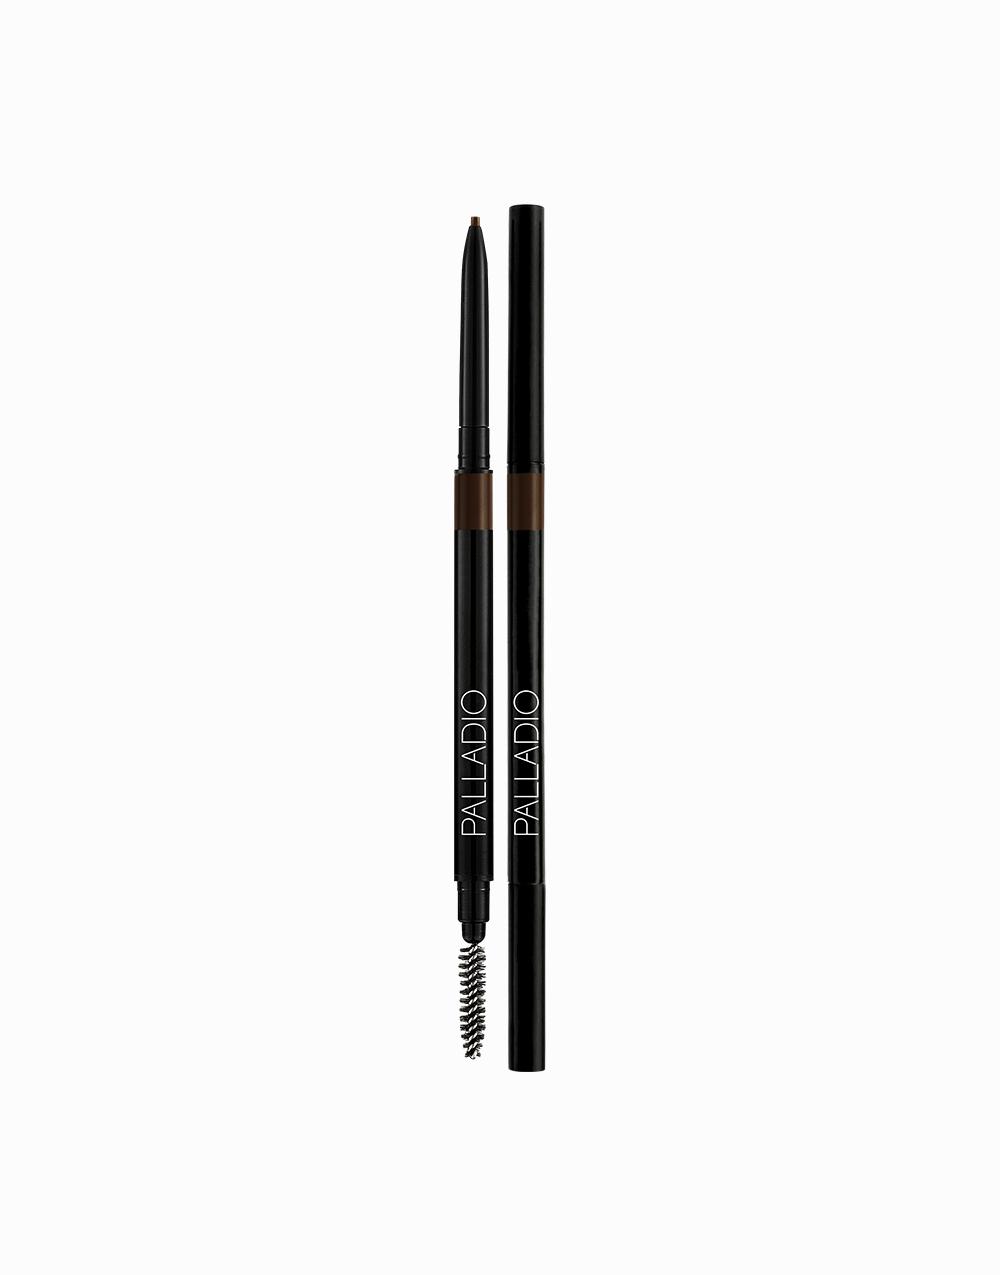 The Brow Definer Micro Pencil by Palladio | Black Brown